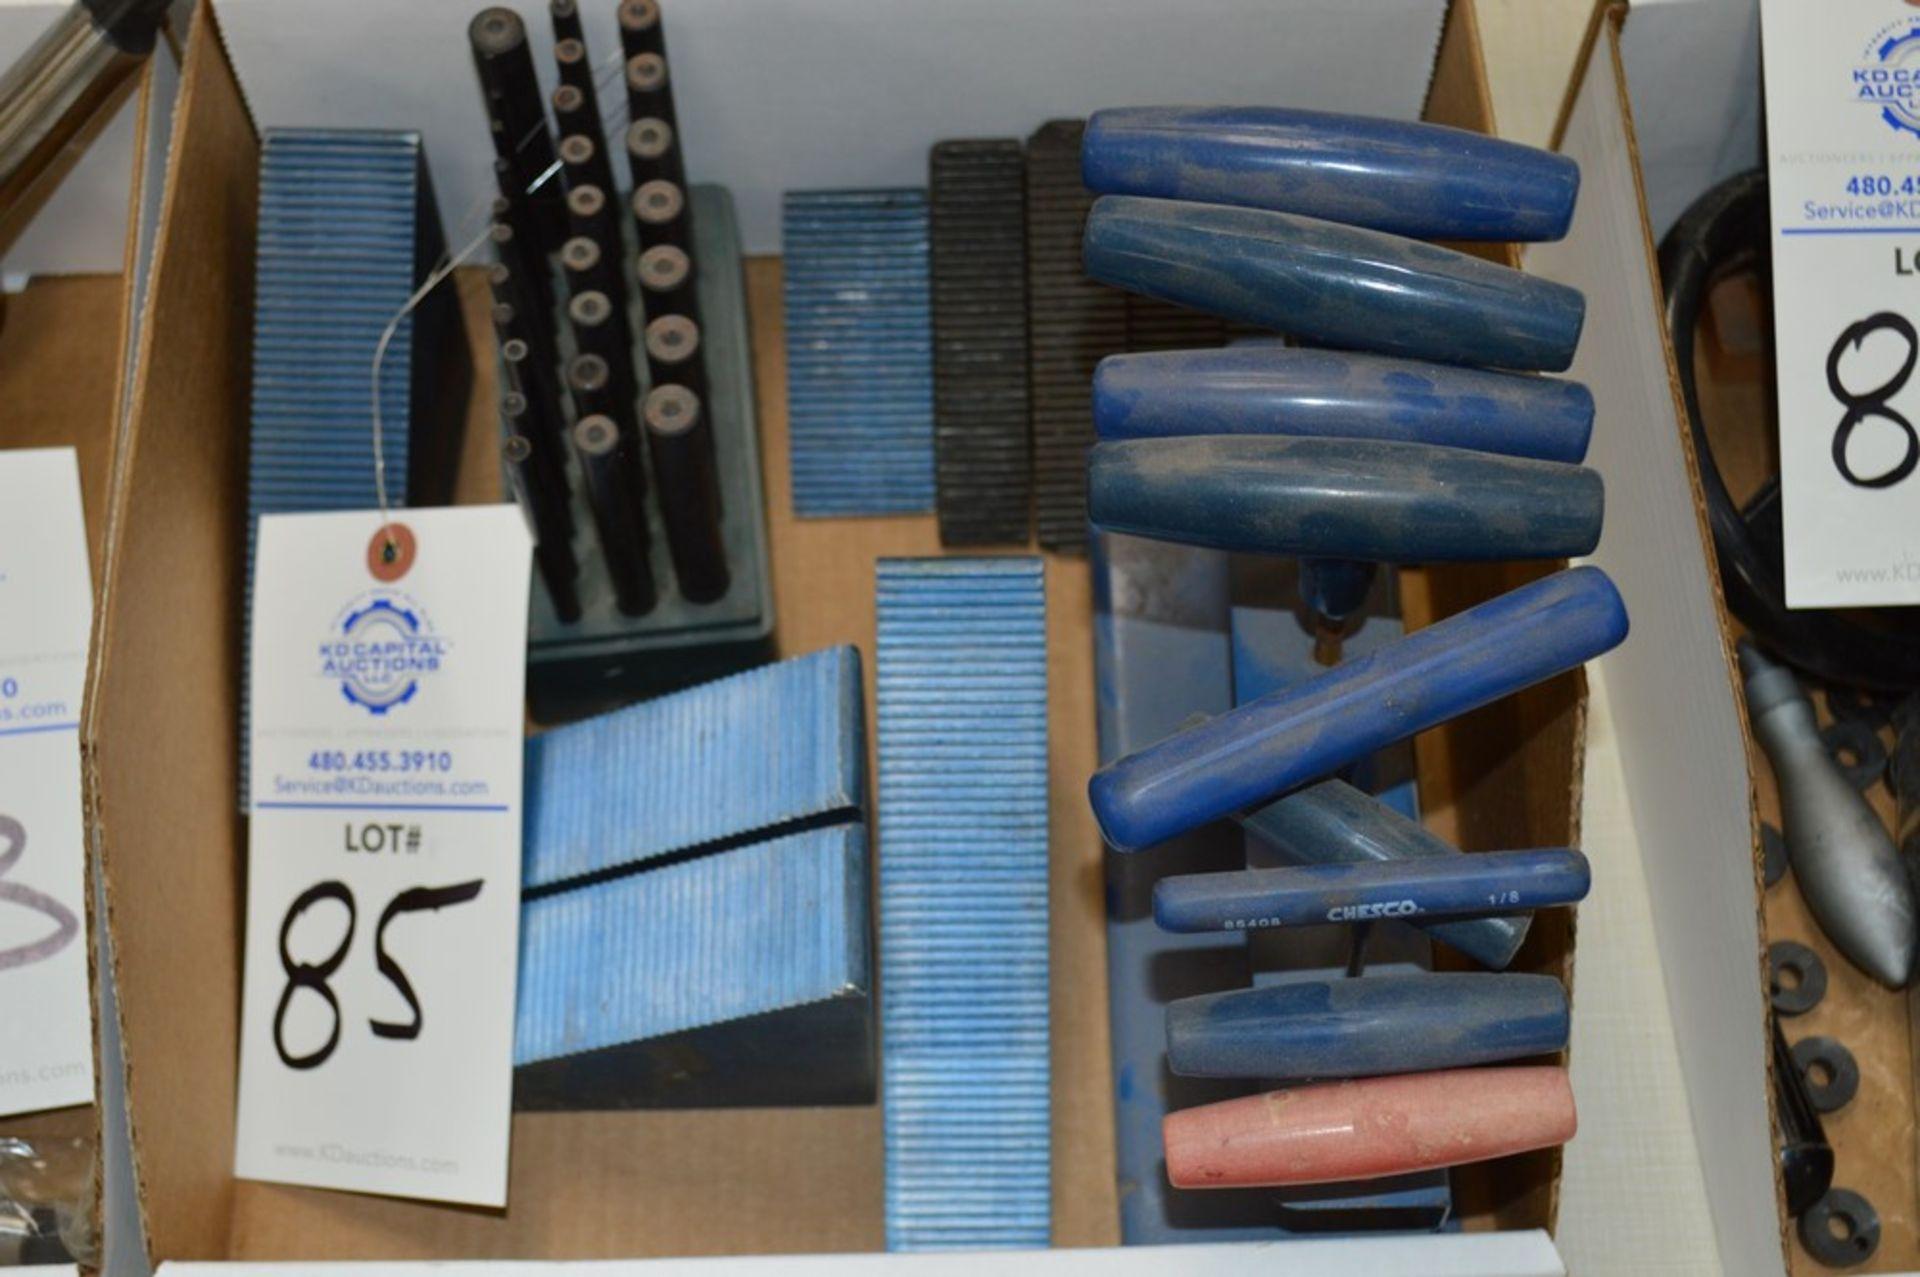 Plug gauges, T Handle hex tools, mill setup blocks - Image 4 of 4